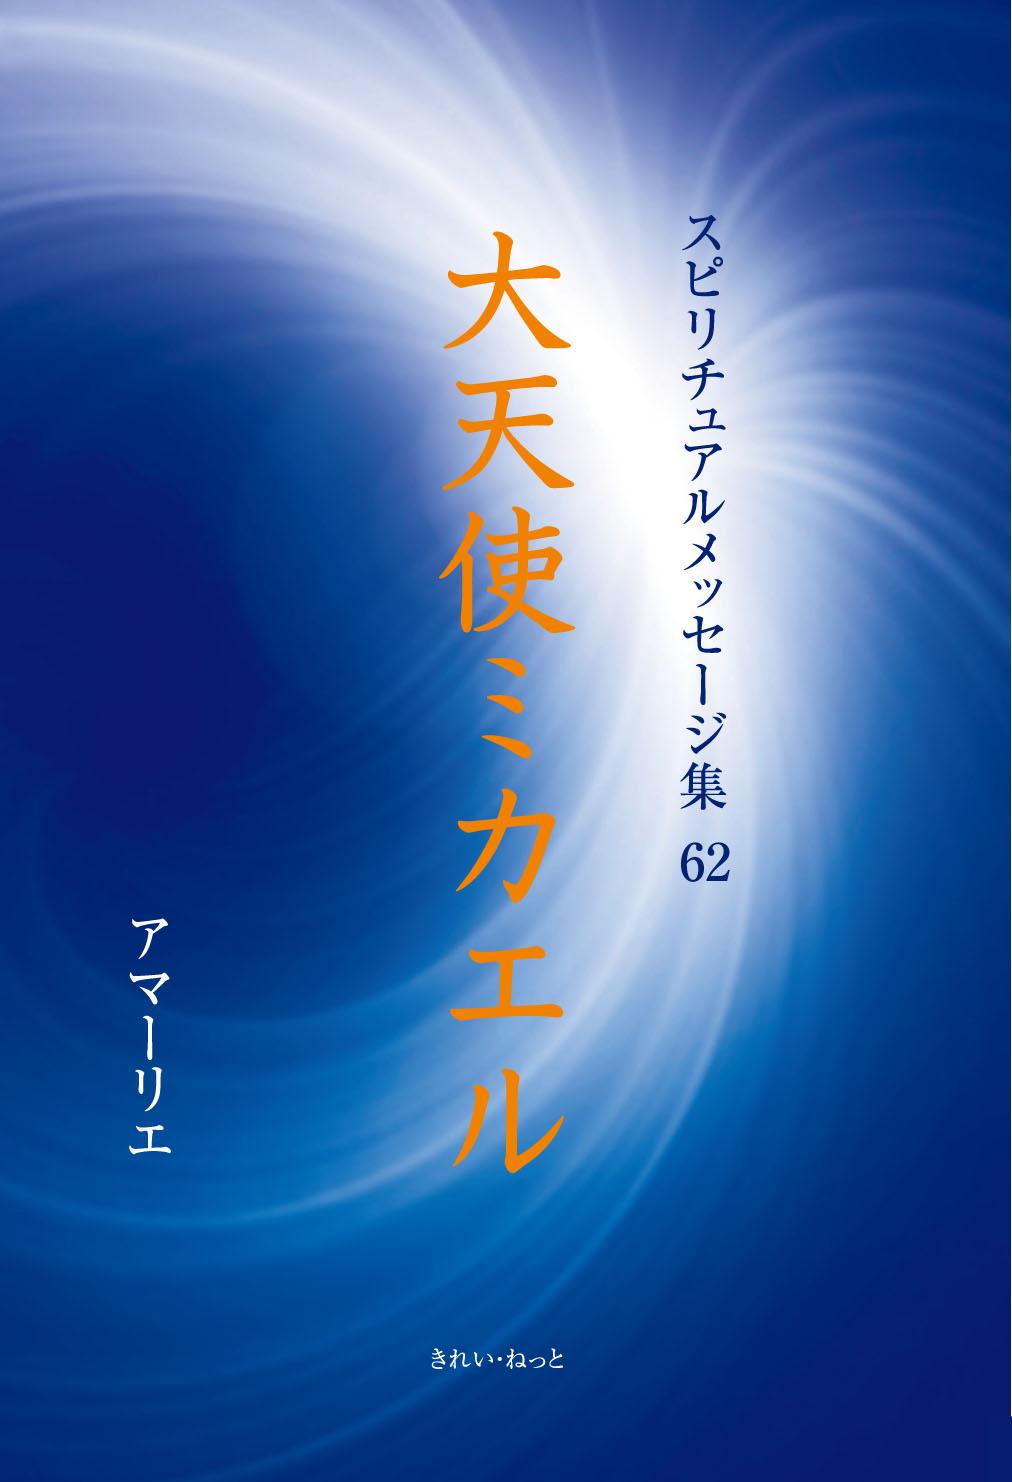 画像1: スピリチュアルメッセージ集62 大天使ミカエル (1)